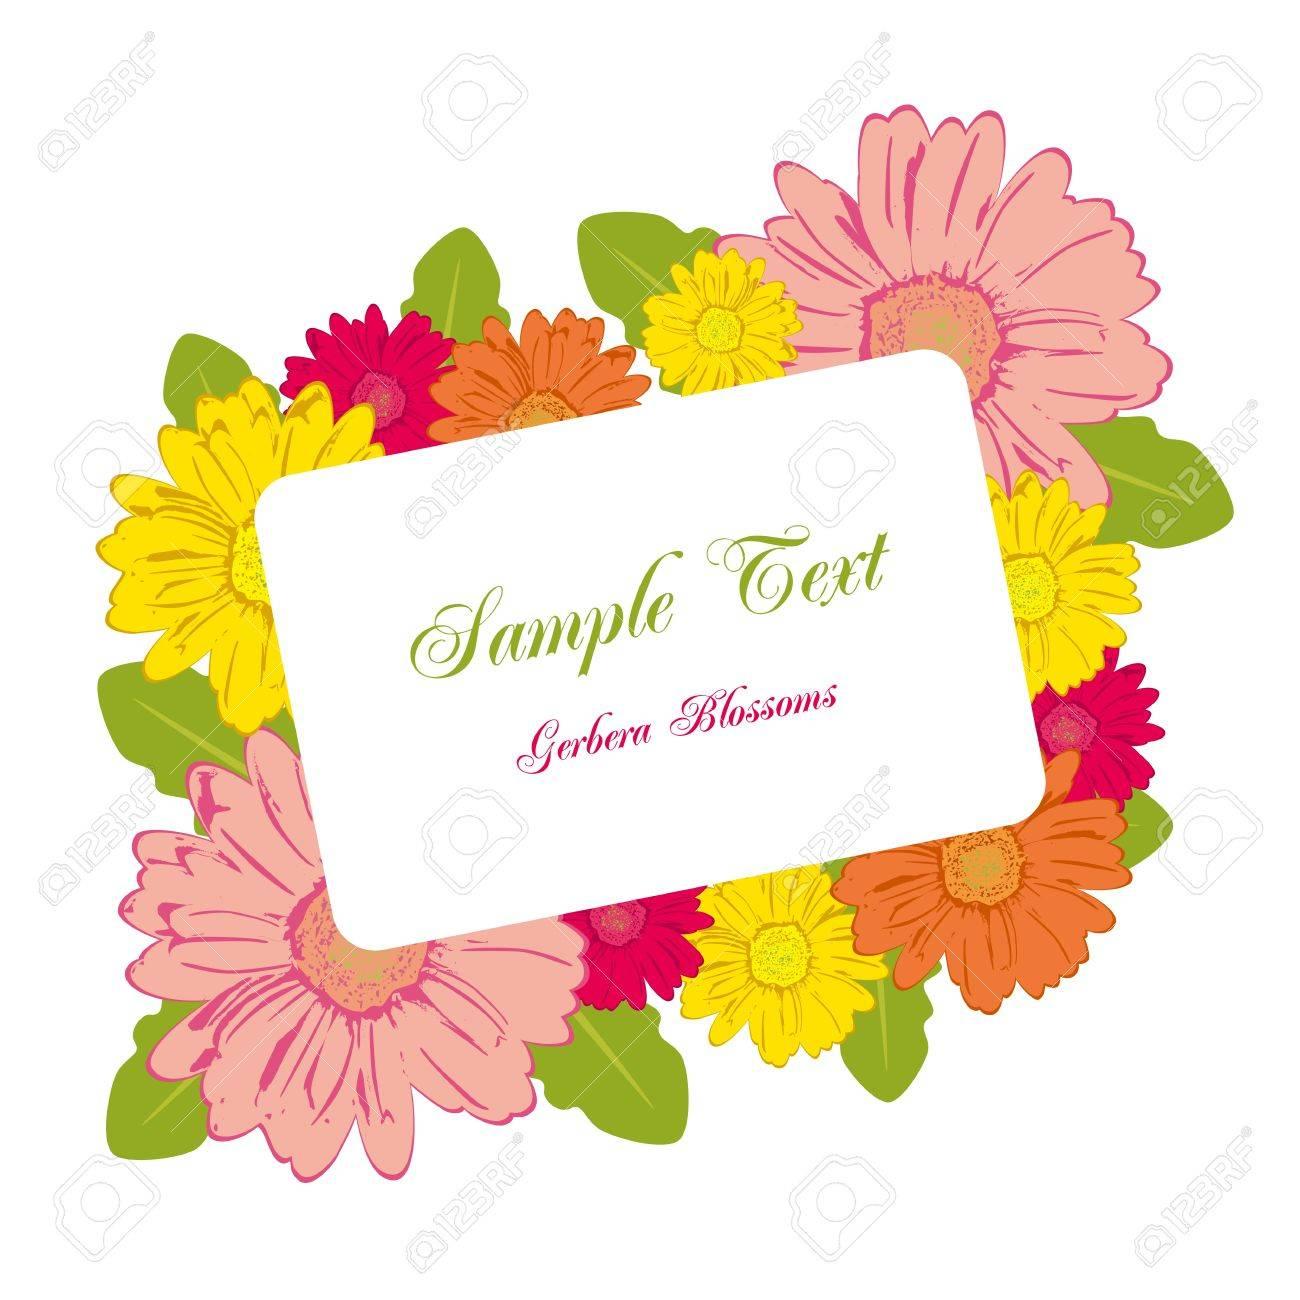 ガーベラの花フレーム。イラスト ベクトル。 ロイヤリティフリークリップ